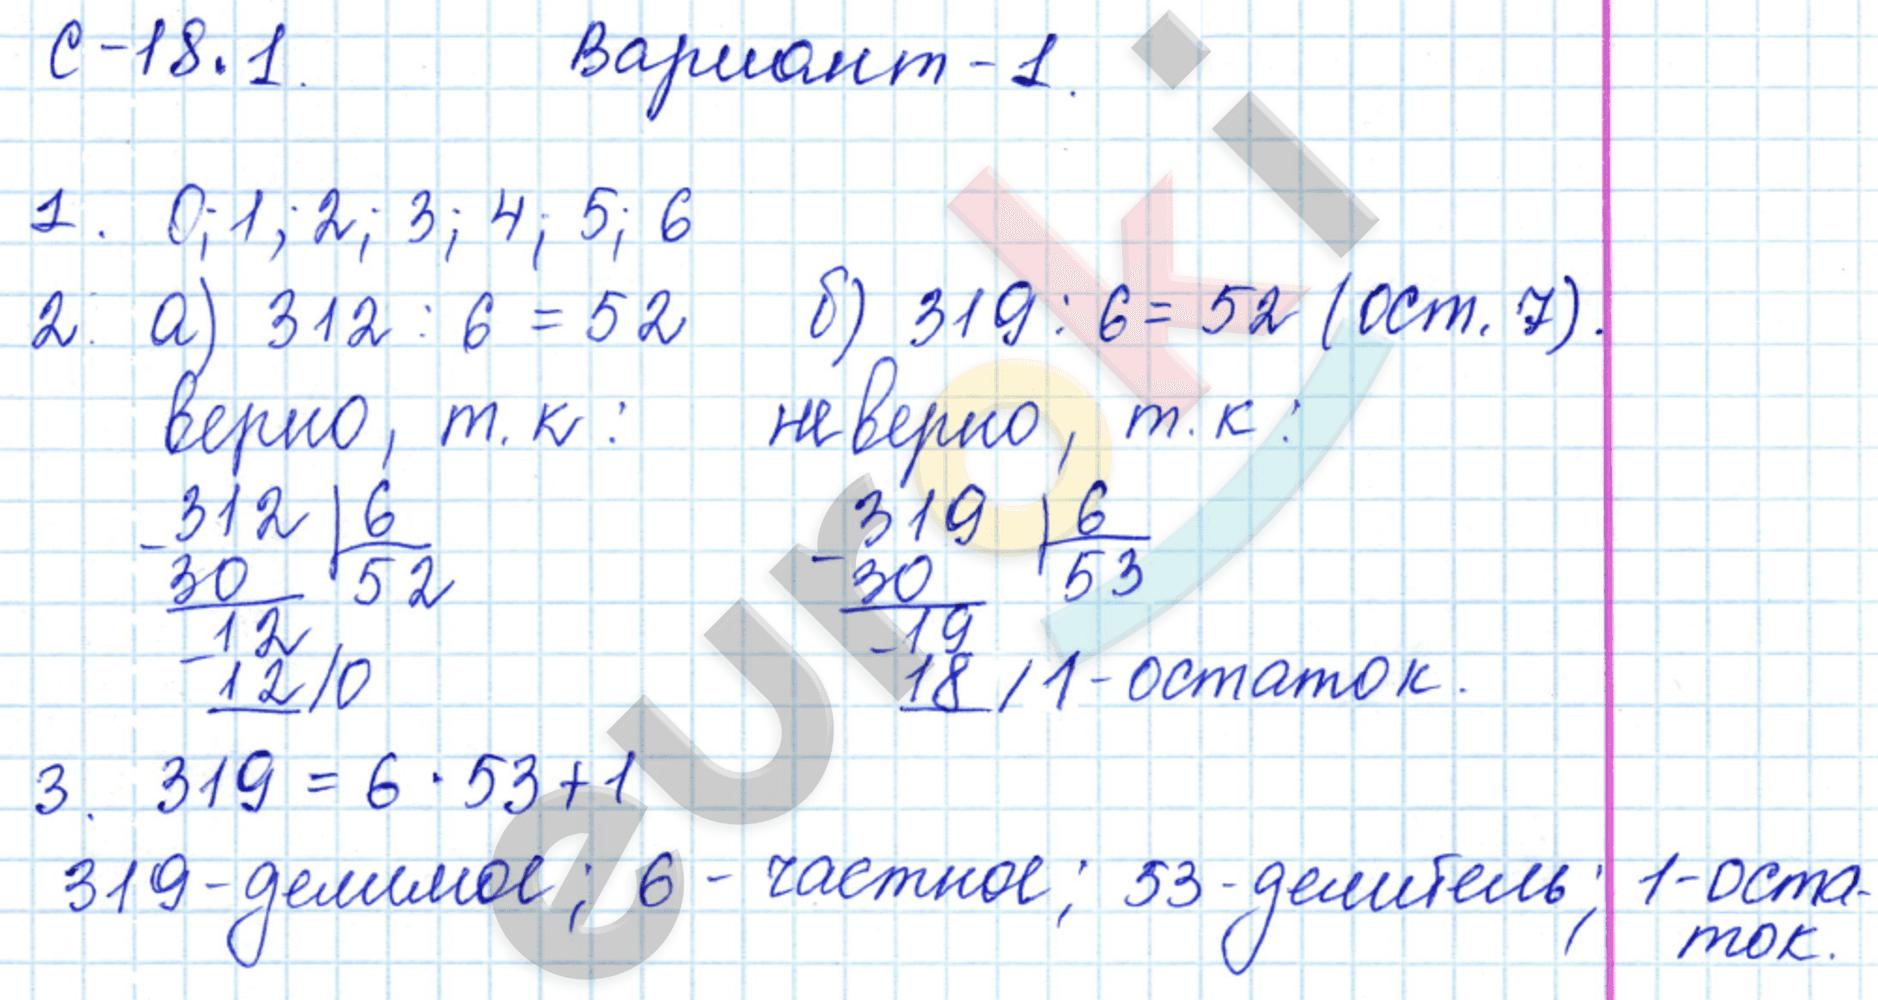 ГДЗ по математике 5 класс самостоятельные работы Зубарева, Мильштейн, Шанцева Тема 2. Обыкновенные дроби, С-18.1. Деление с остатком. Задание: Вариант 1